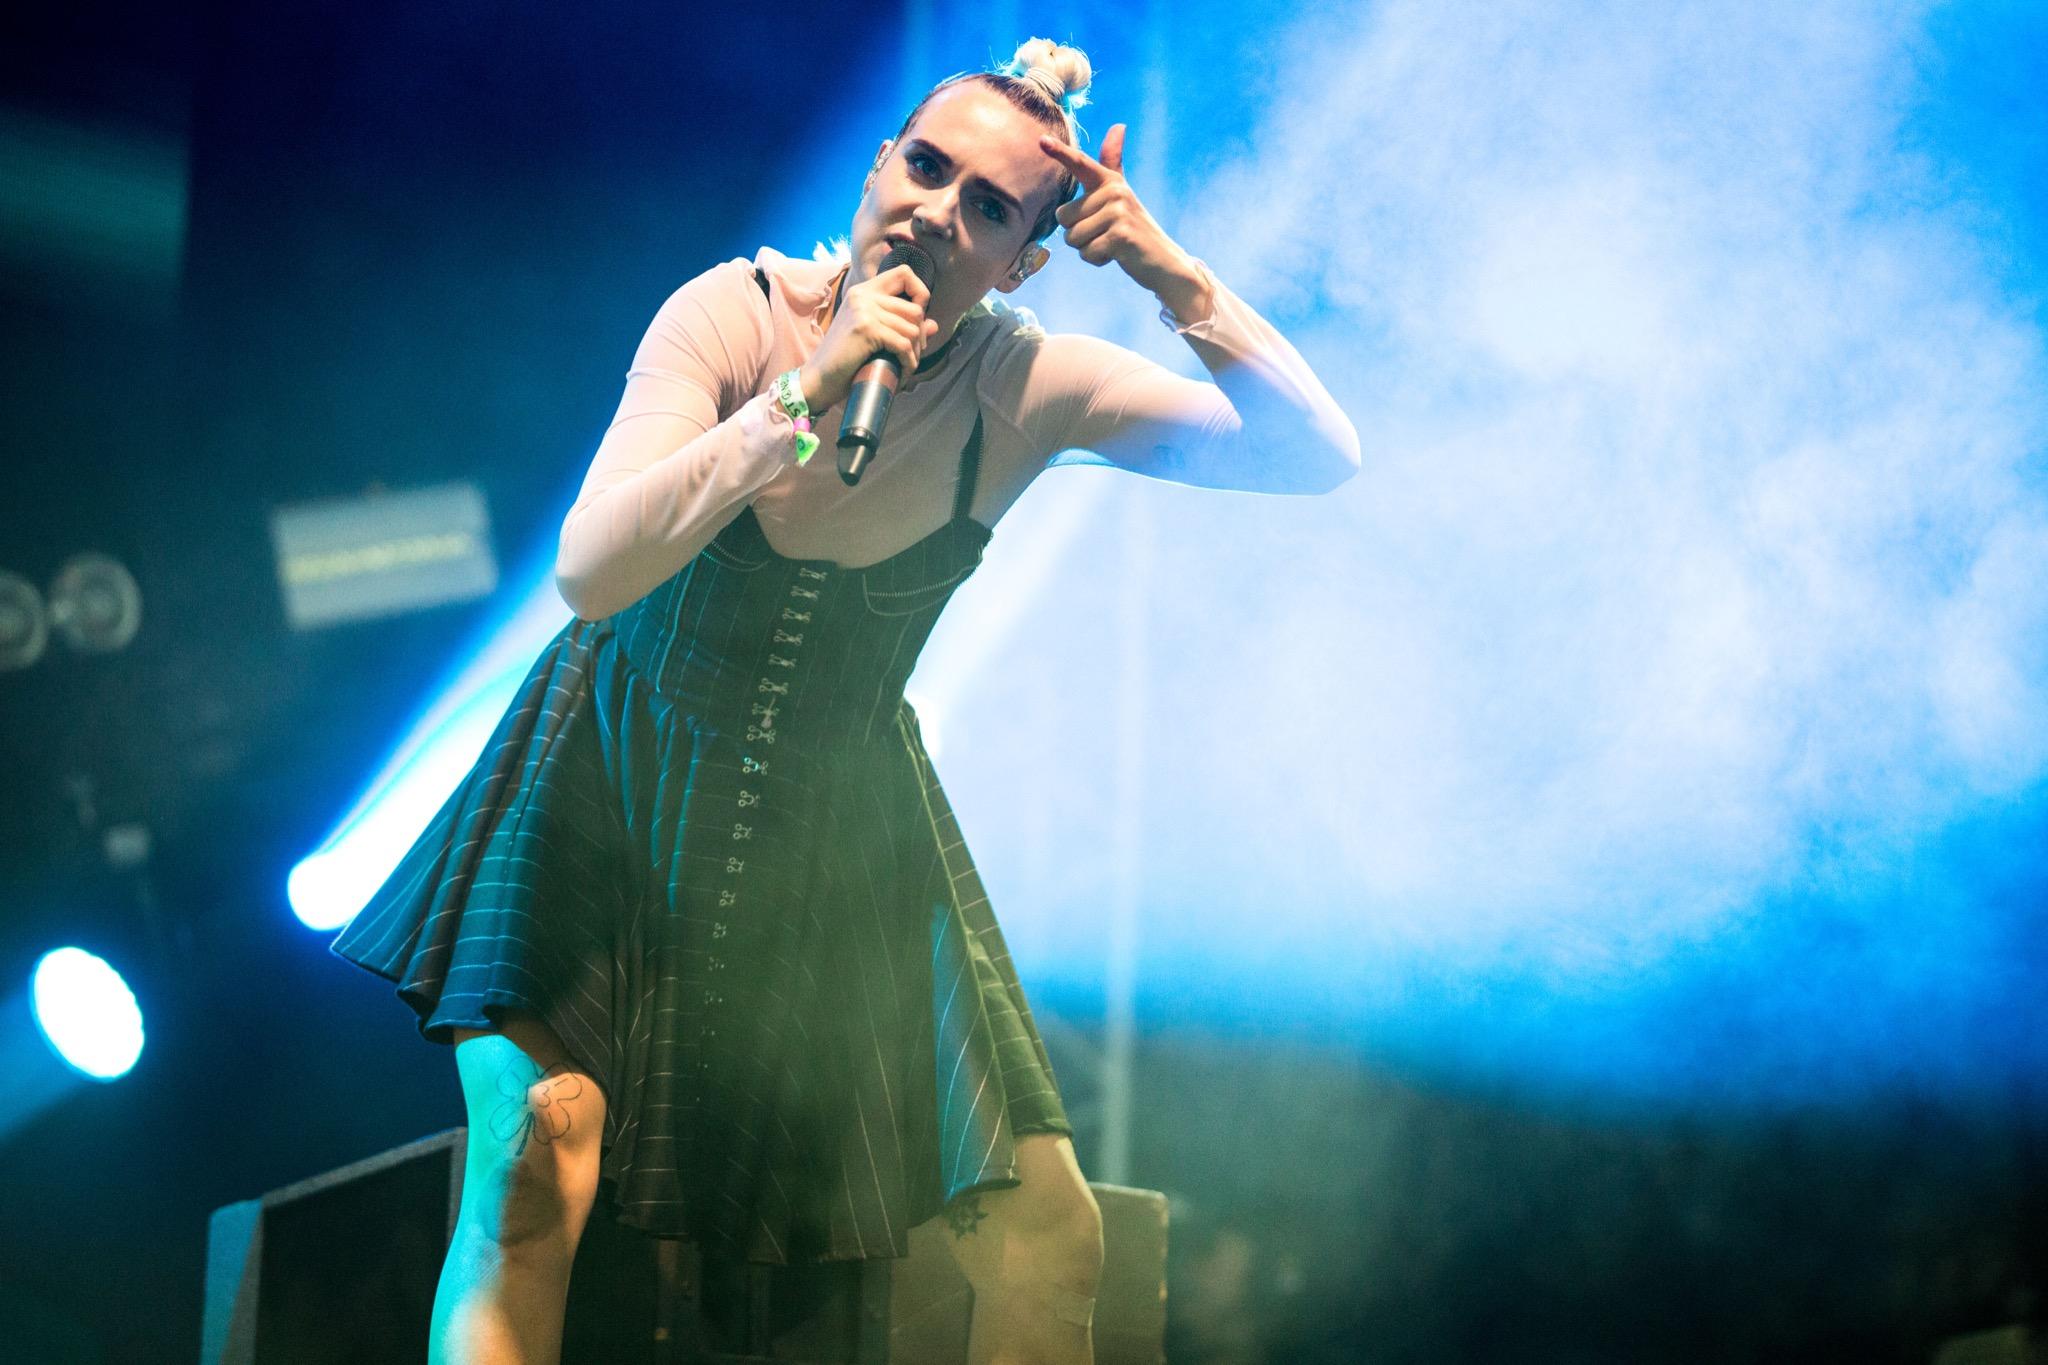 MØ brings pandemonium to Glastonbury 2016